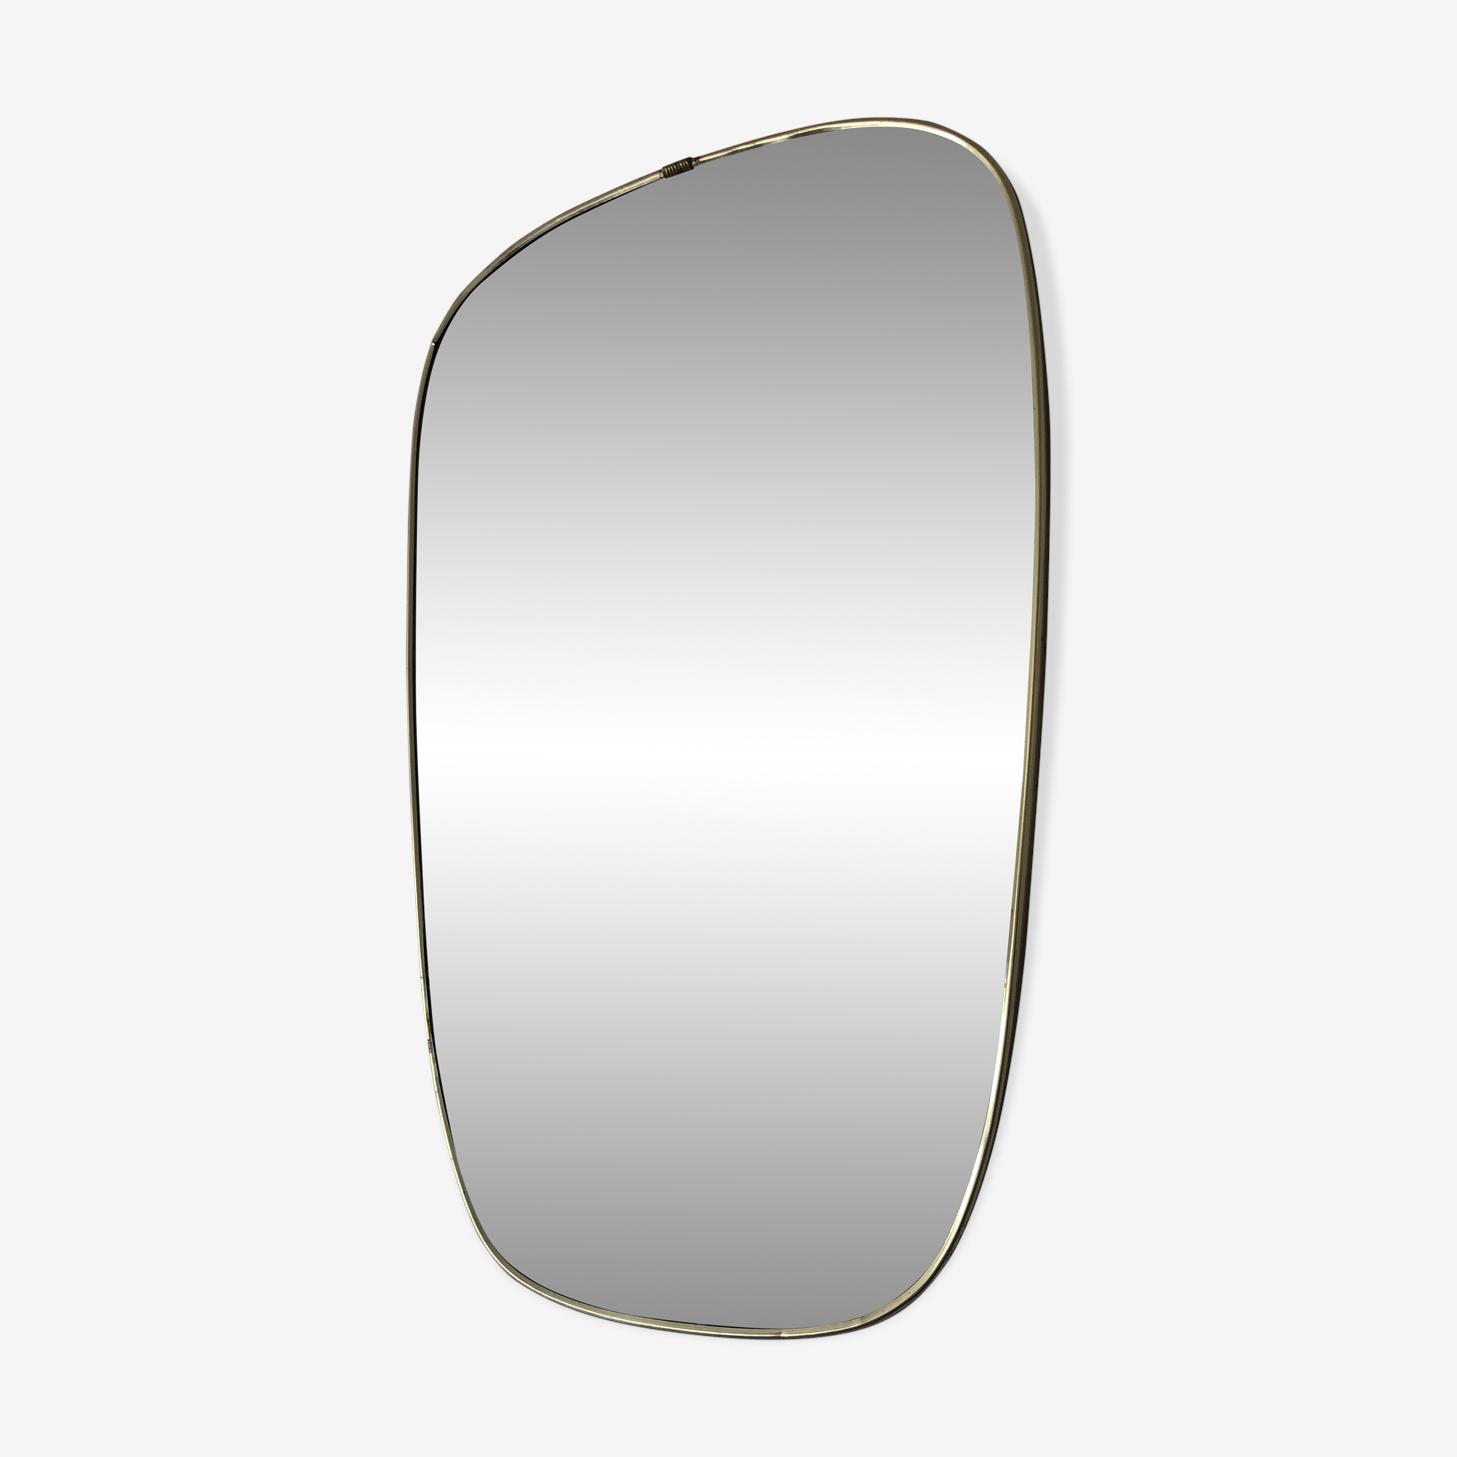 Miroir rétroviseur vintage 1960 - 39x26cm